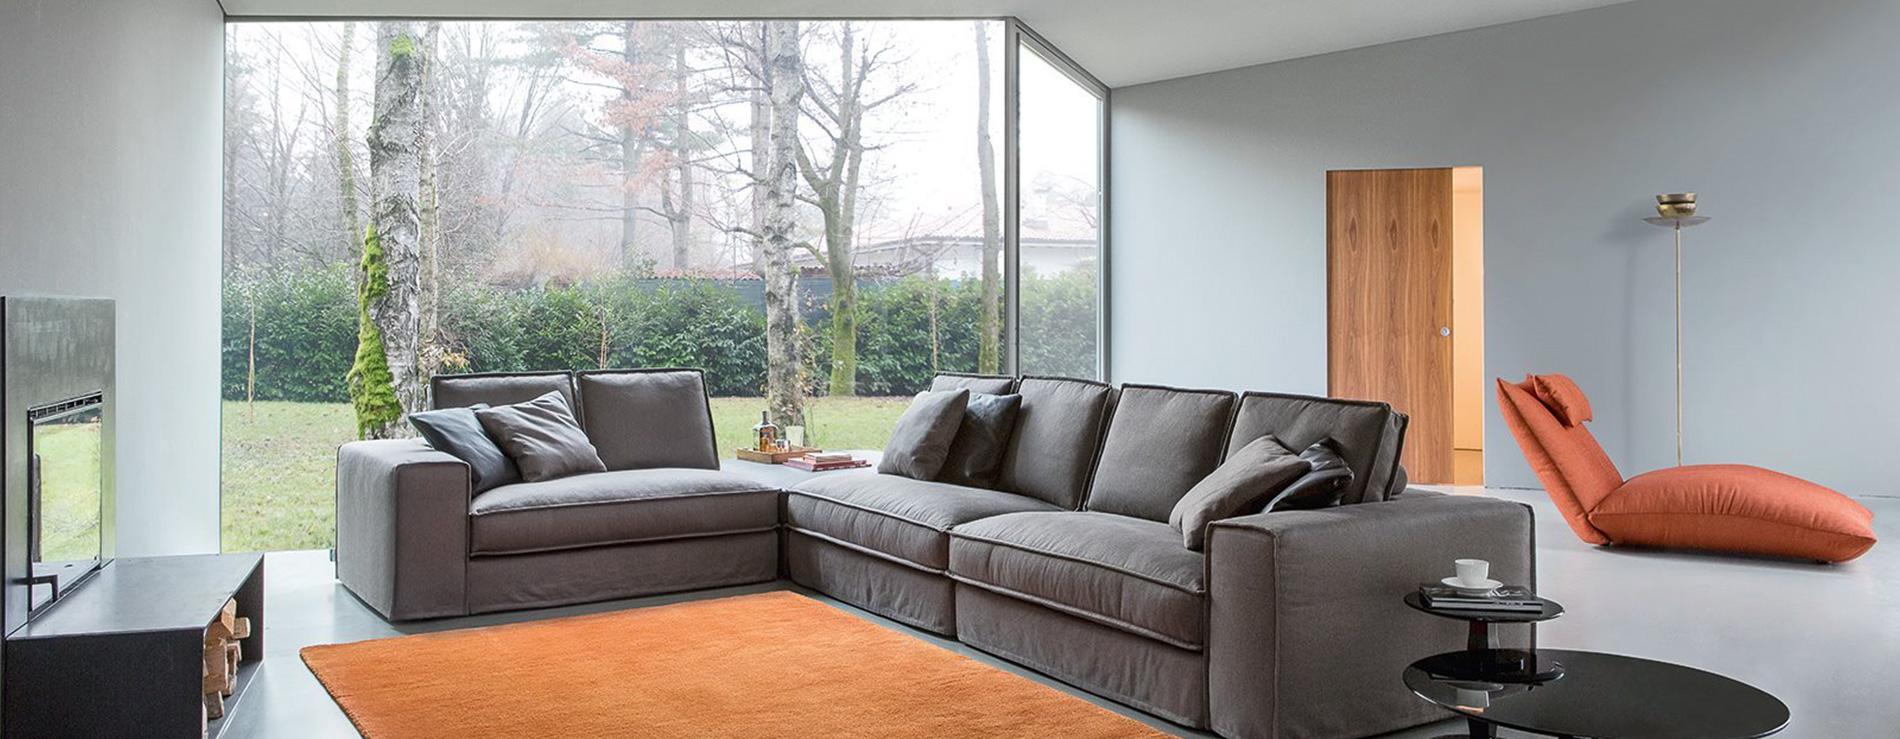 divano santorini alberta